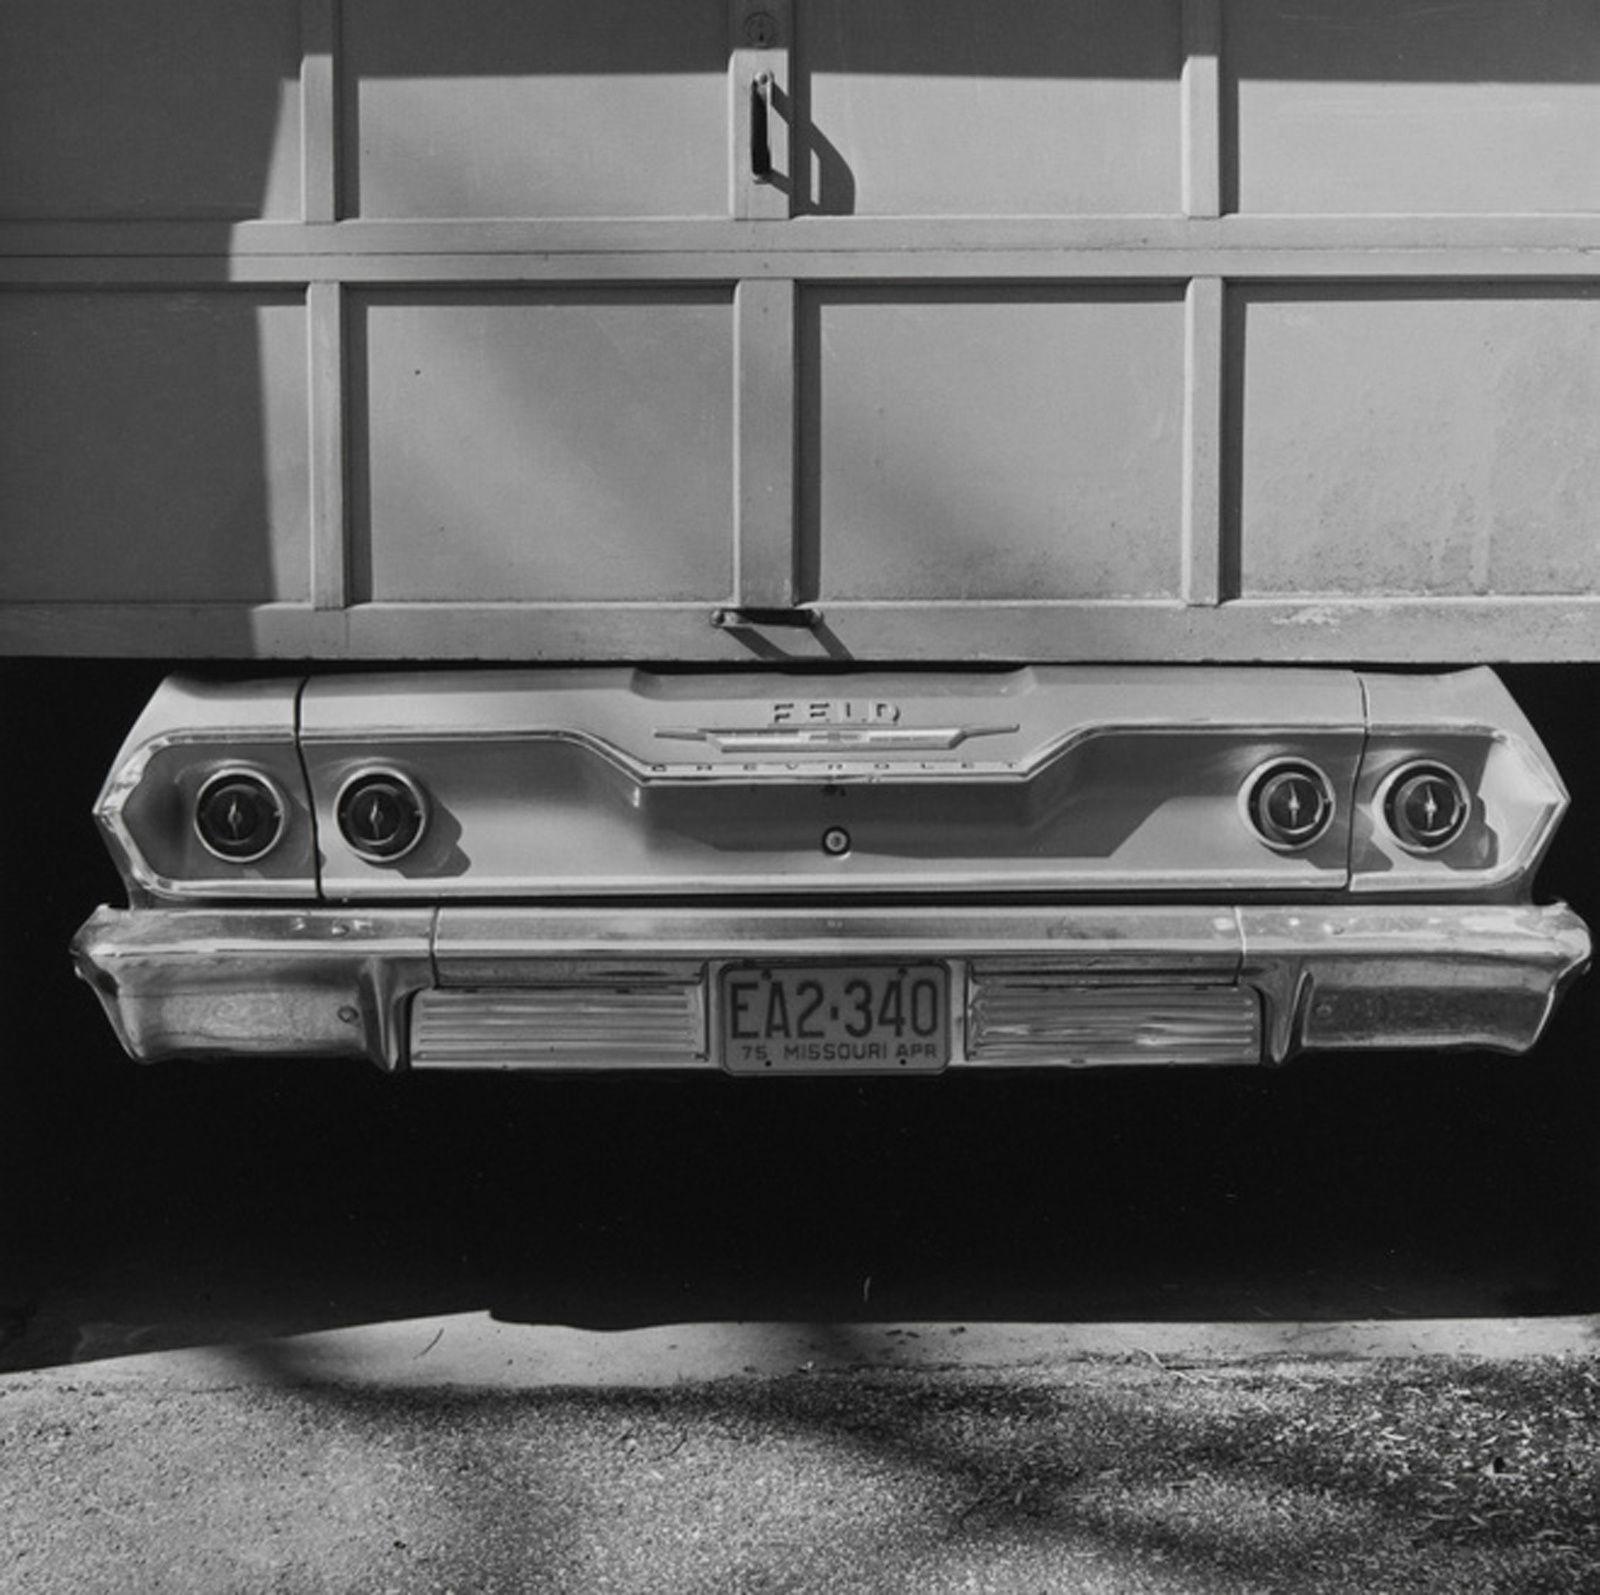 """""""Untitled, Kansas City, MO"""", 1975 de Steven RIFKIN - Courtesy de l'artiste et Les Douches la galerie, Paris"""